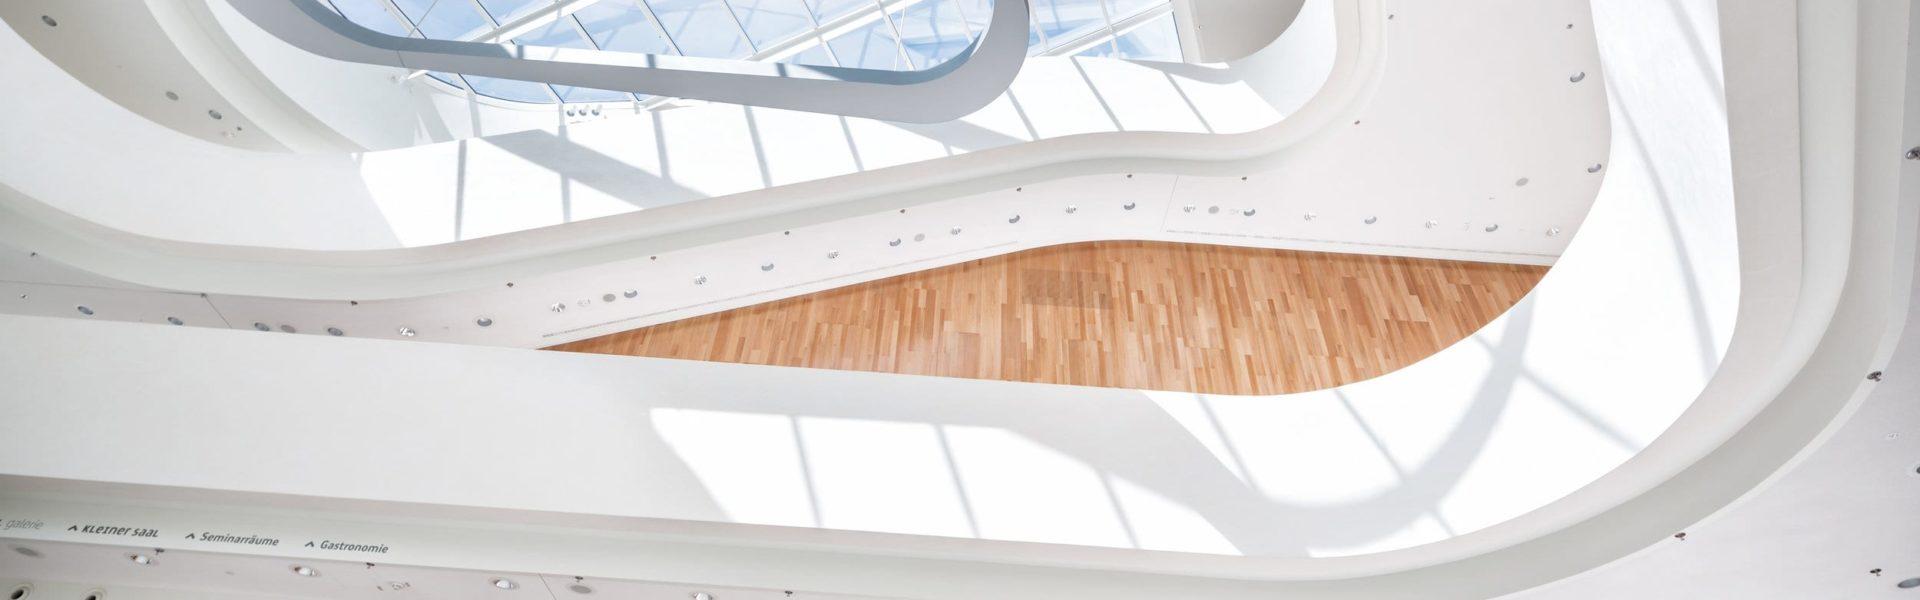 Ausgezeichnete Architektur: Montforthaus Feldkirch, (c) Petra Rainer